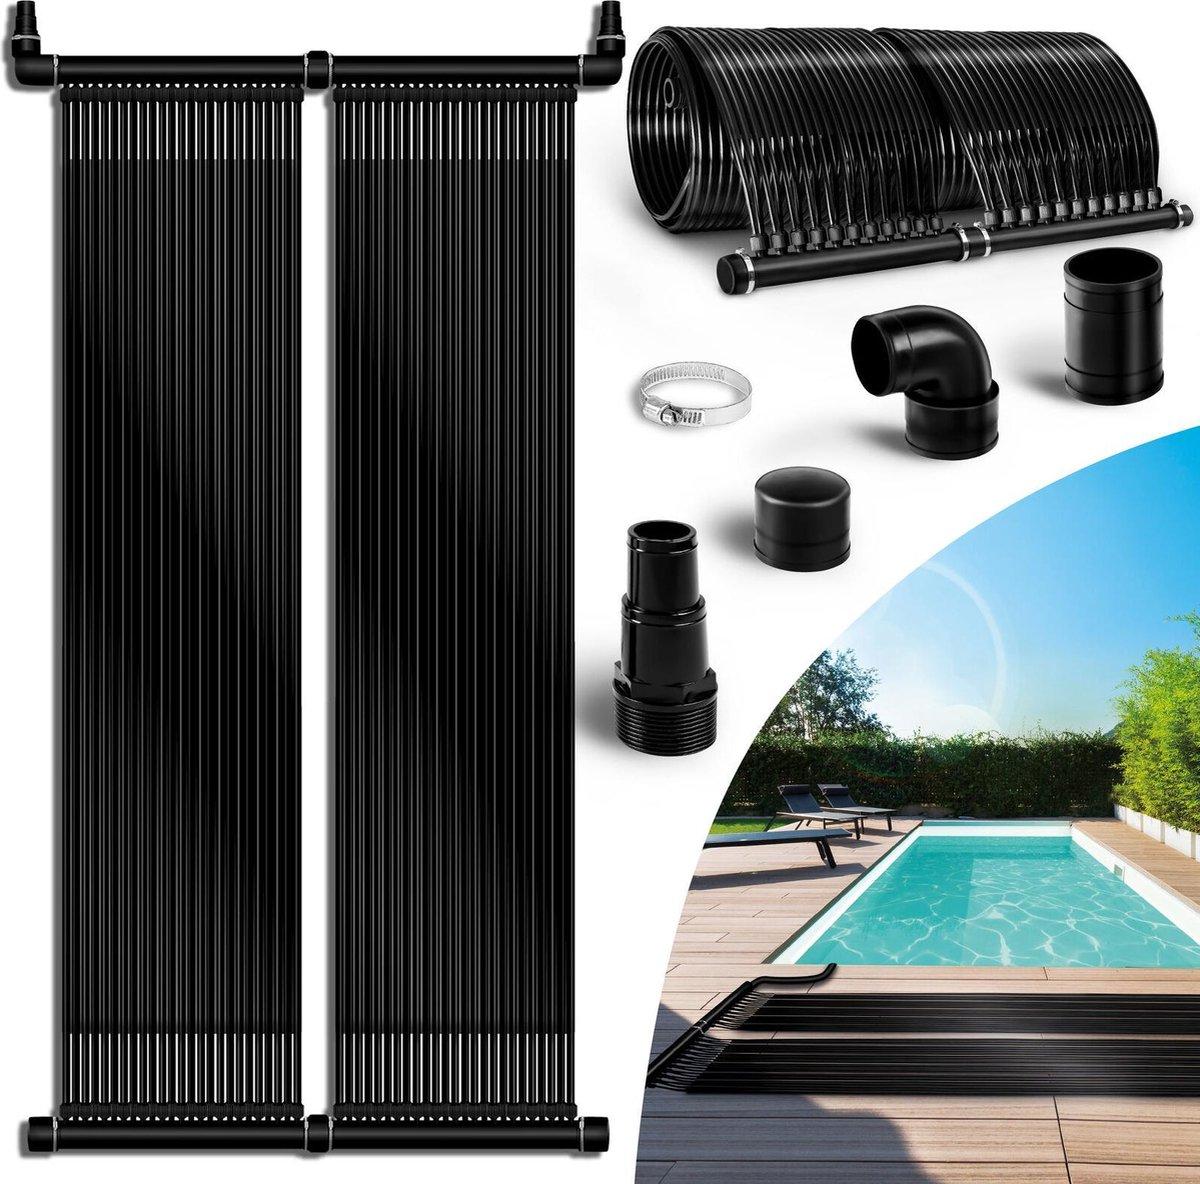 Sens Design zwembadverwarming solar - zonneverwarming voor zwembad - 76 x 300cm